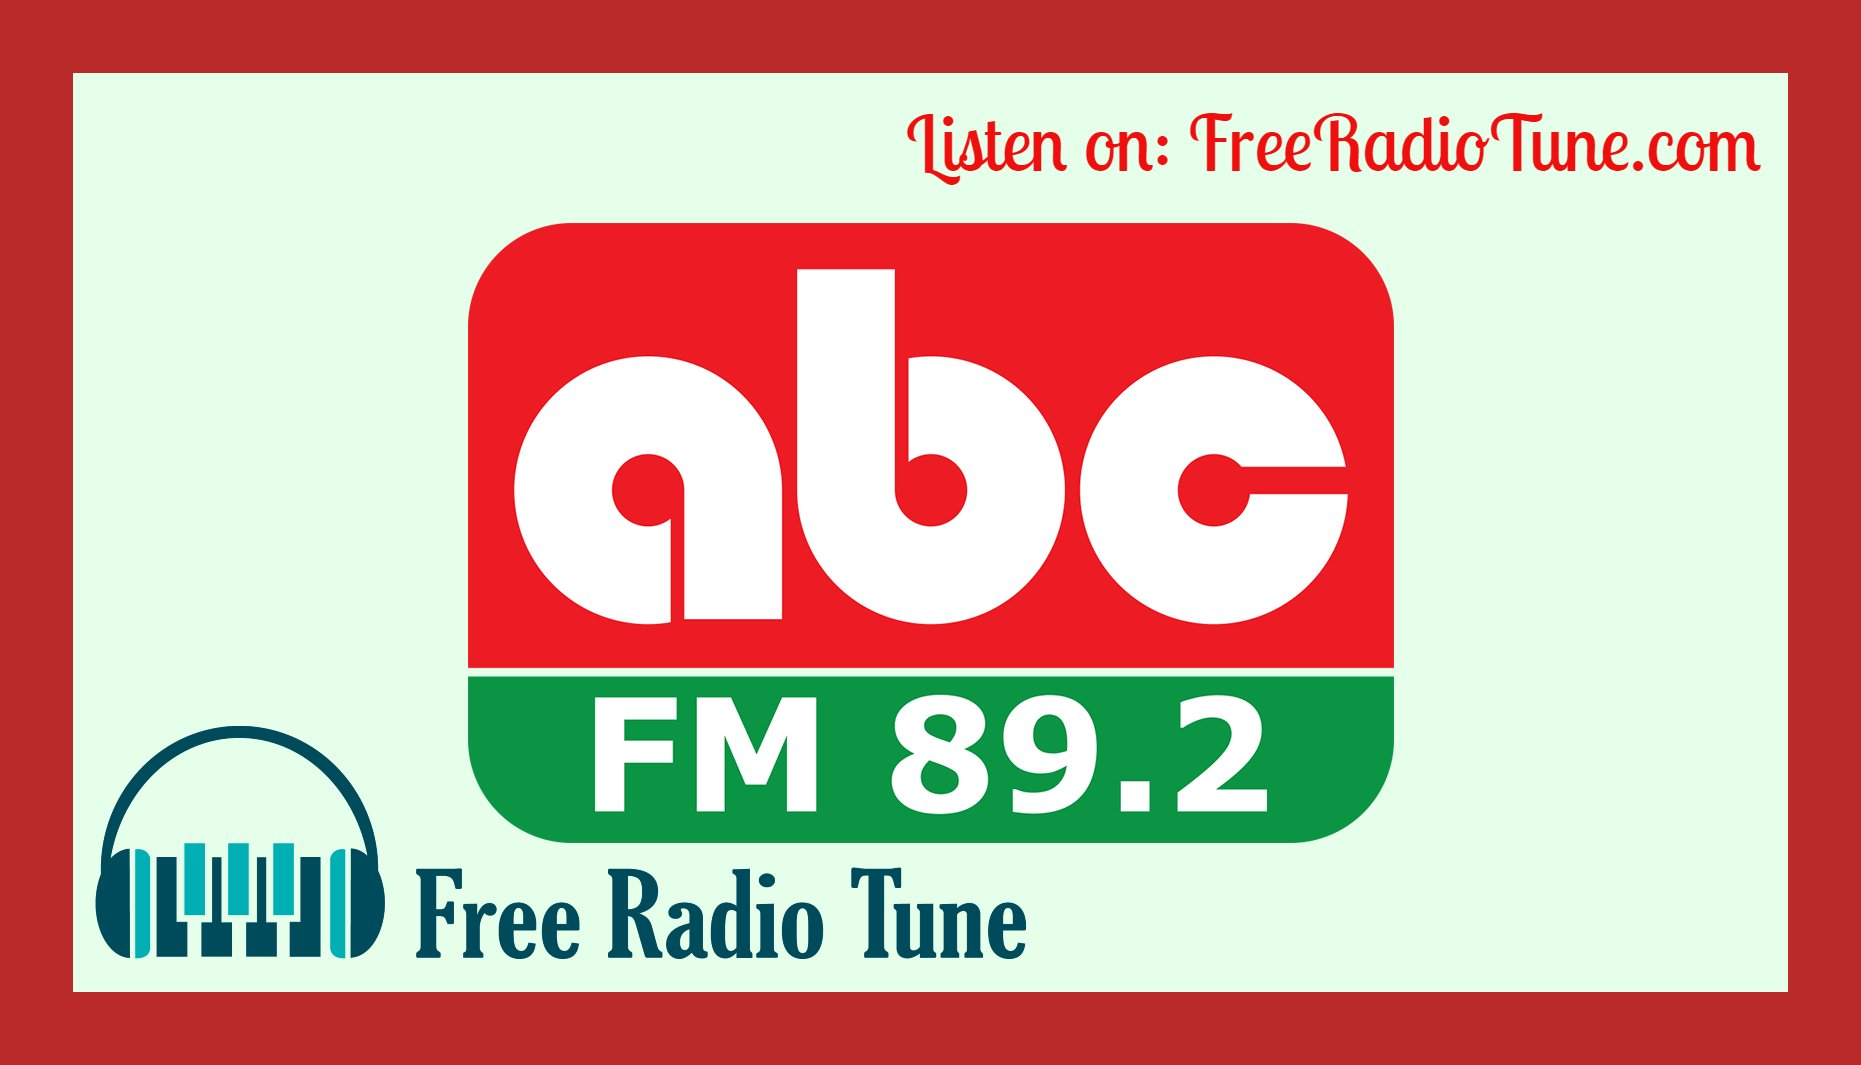 Dor- ABC Radio FM 89 2